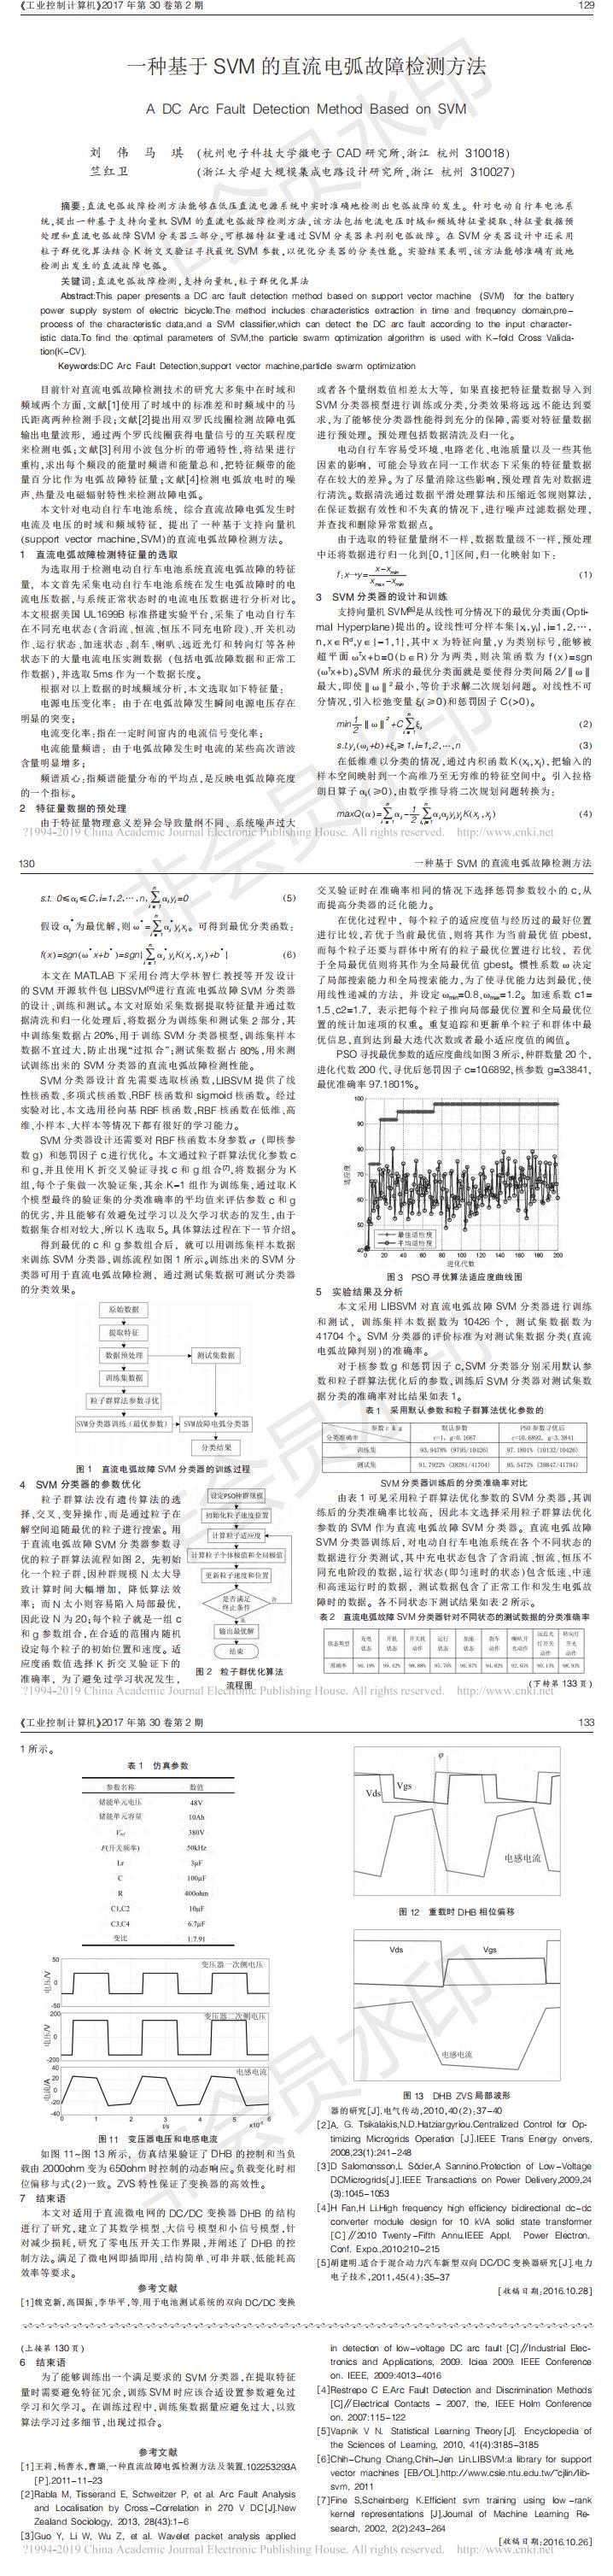 一种基于SVM的直流电弧故障检测方法_0